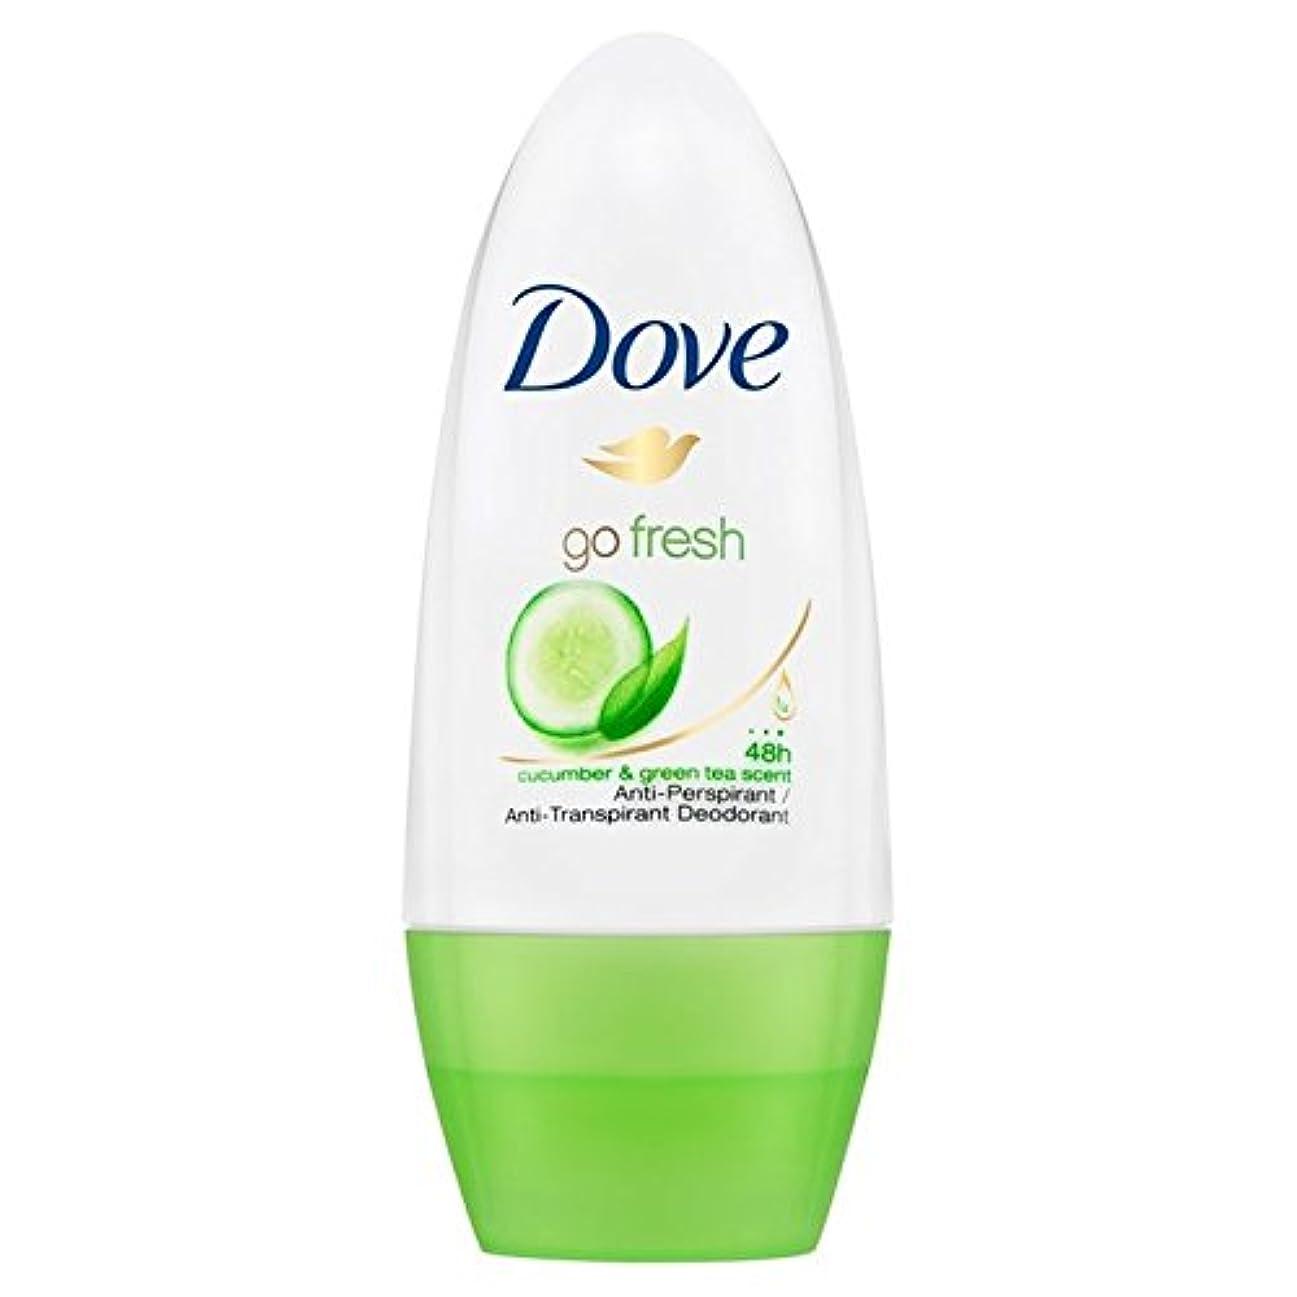 アリス演劇の間でDove Go Fresh Cucumber Roll-On Anti-Perspirant Deodorant 50ml - 新鮮なキュウリロールオン制汗デオドラント50ミリリットルを行く鳩 [並行輸入品]